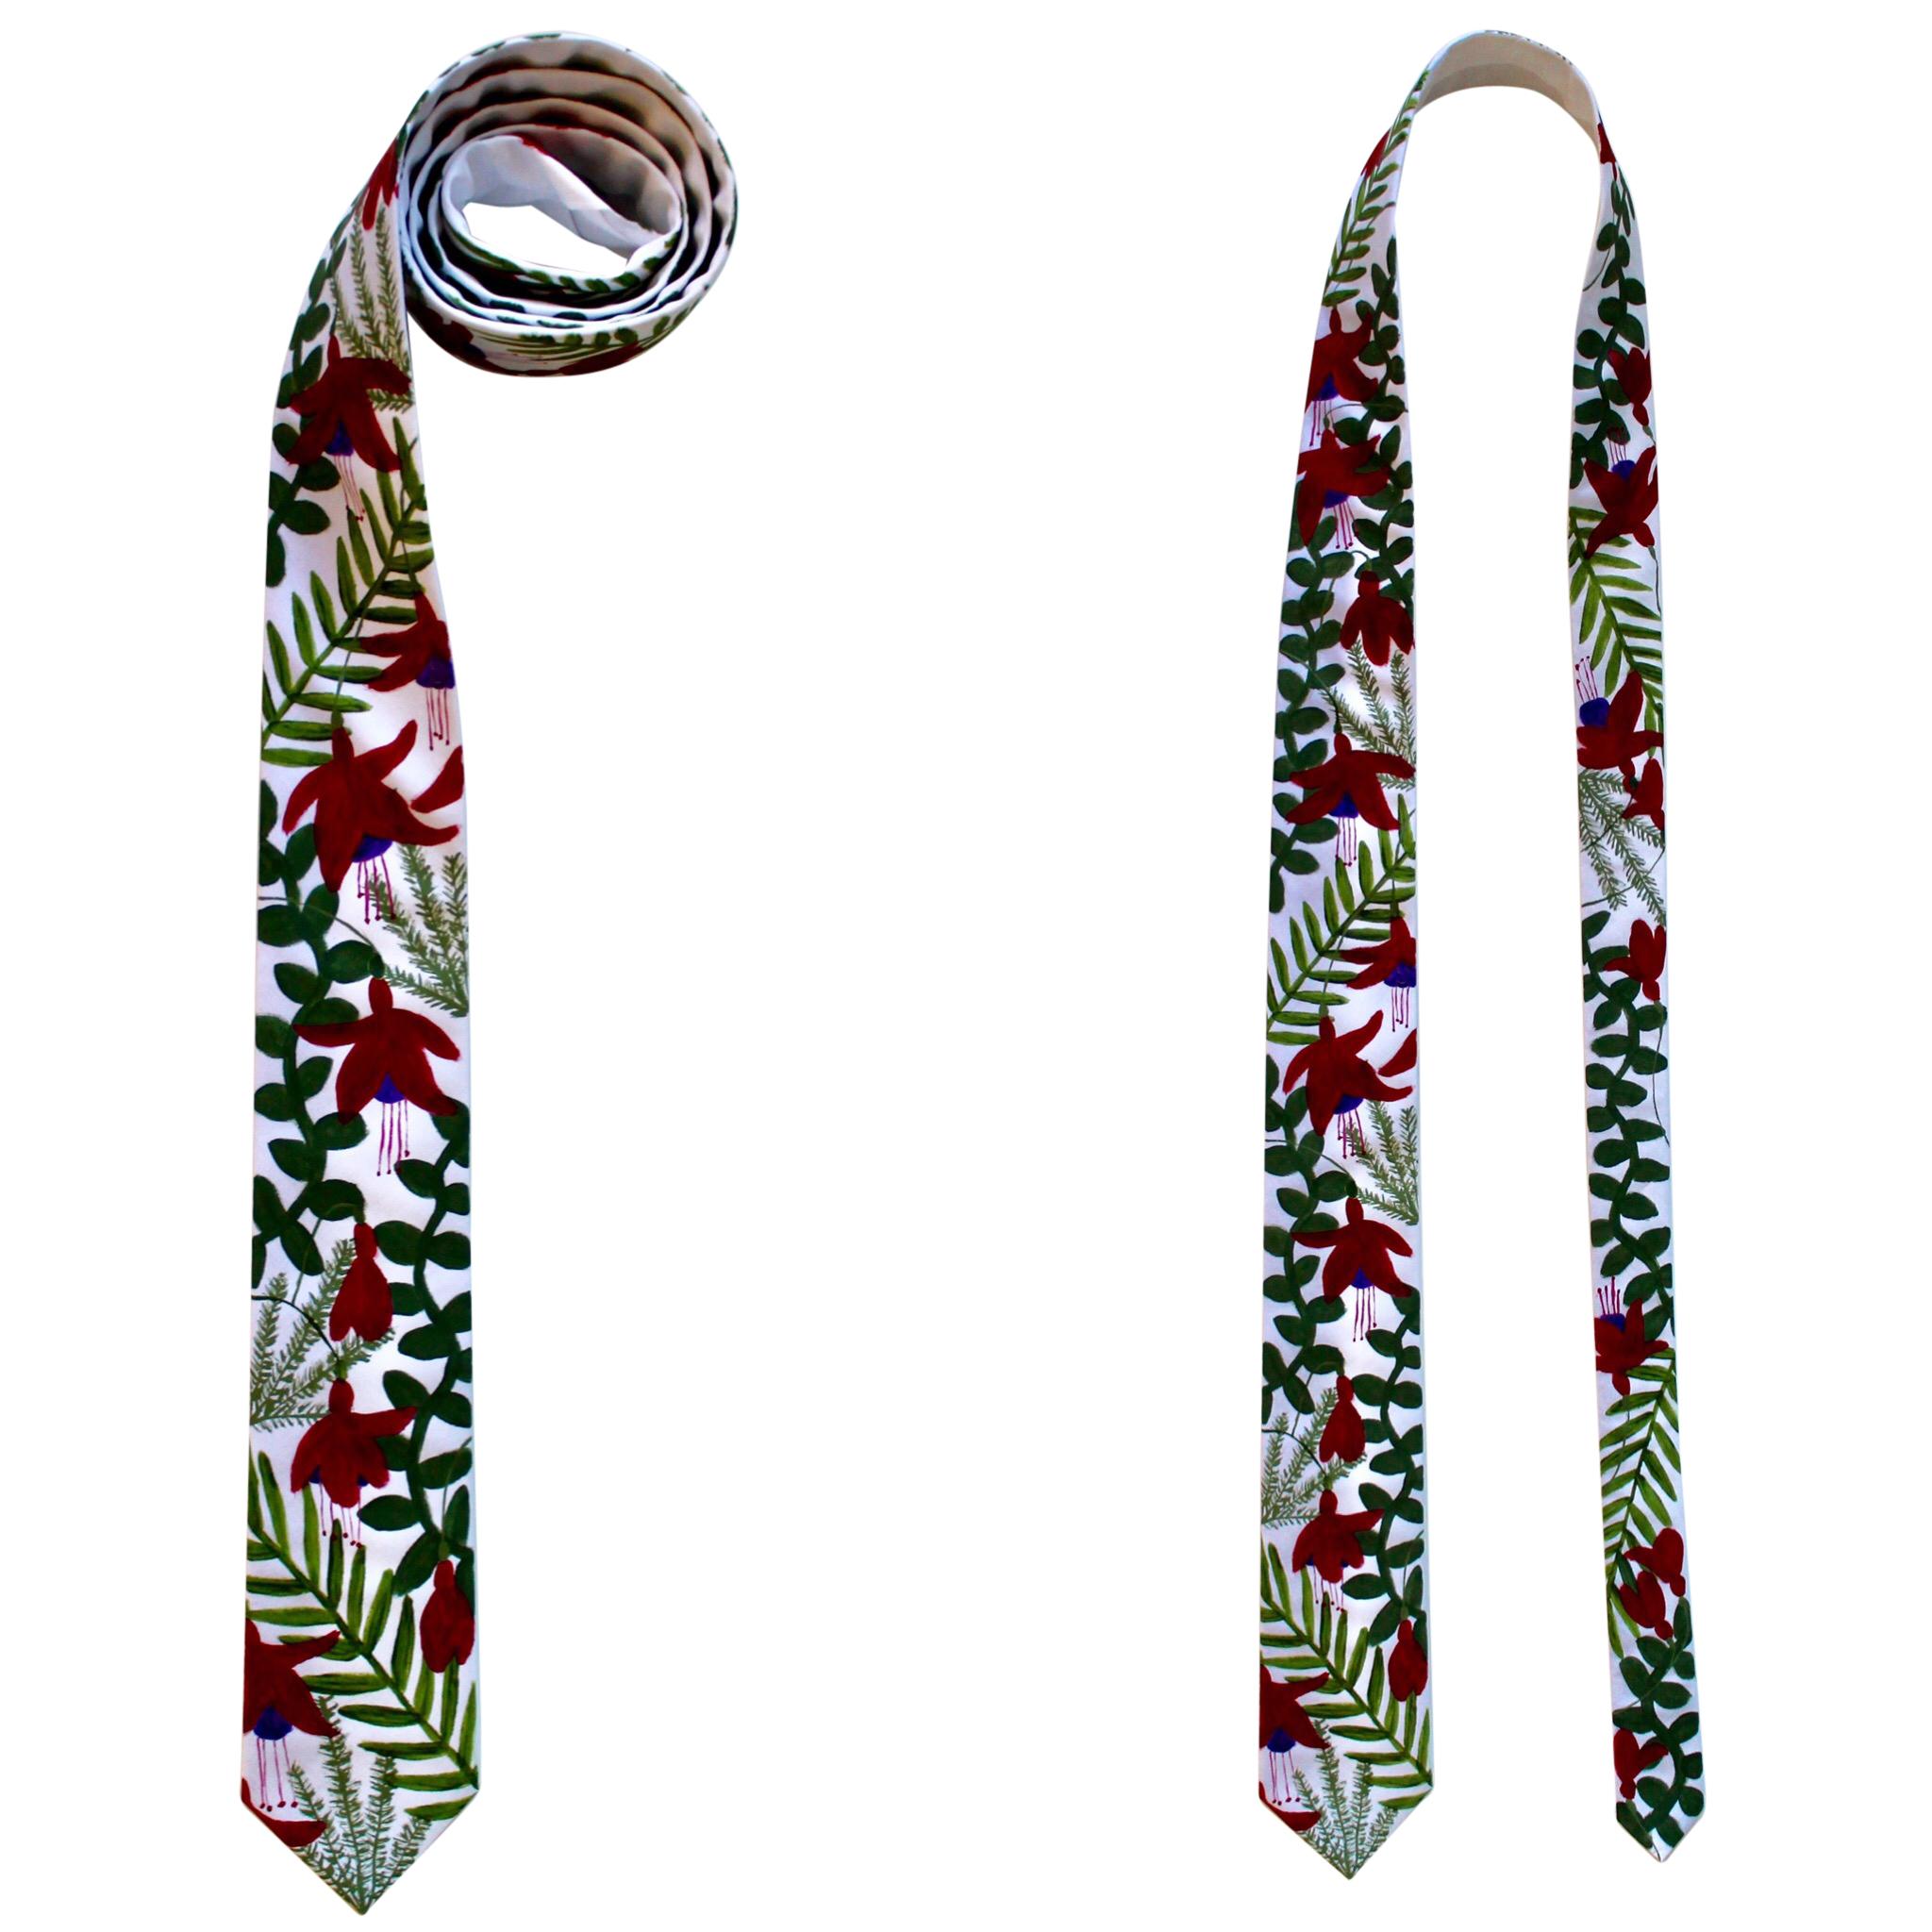 edward kwan hand painted necktie melbourne australia 4.jpg